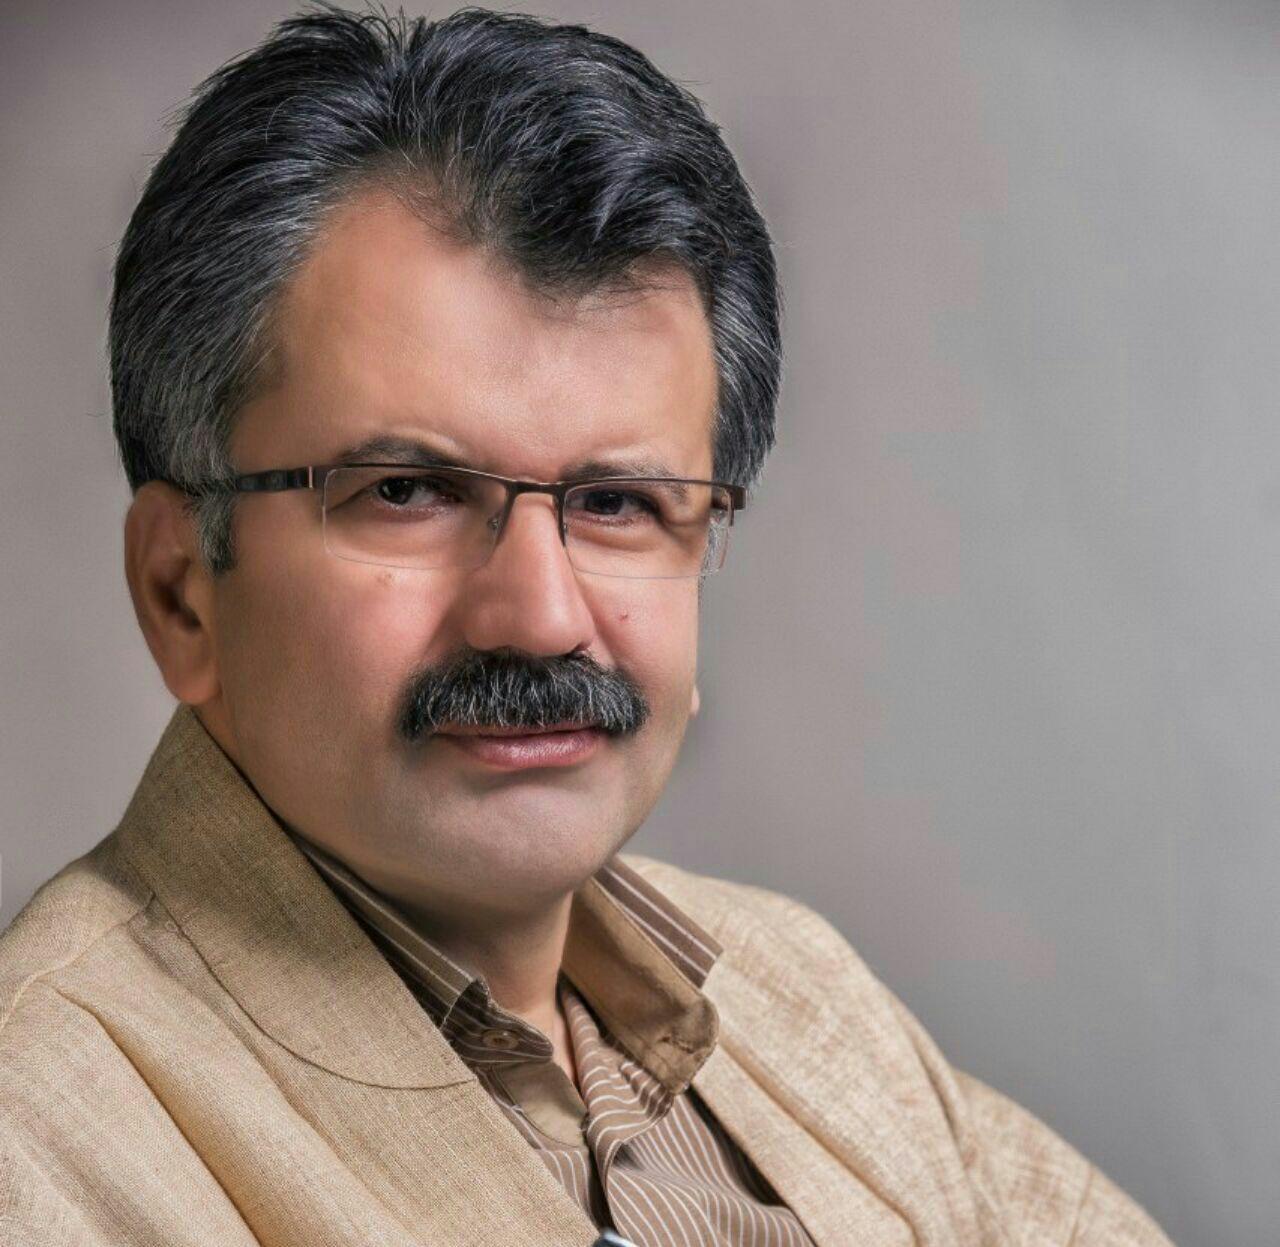 پیام تبریک مهندس محسن بیگلری نماینده سقز و بانه به مناسبت آغاز سال تحصیلی جدید